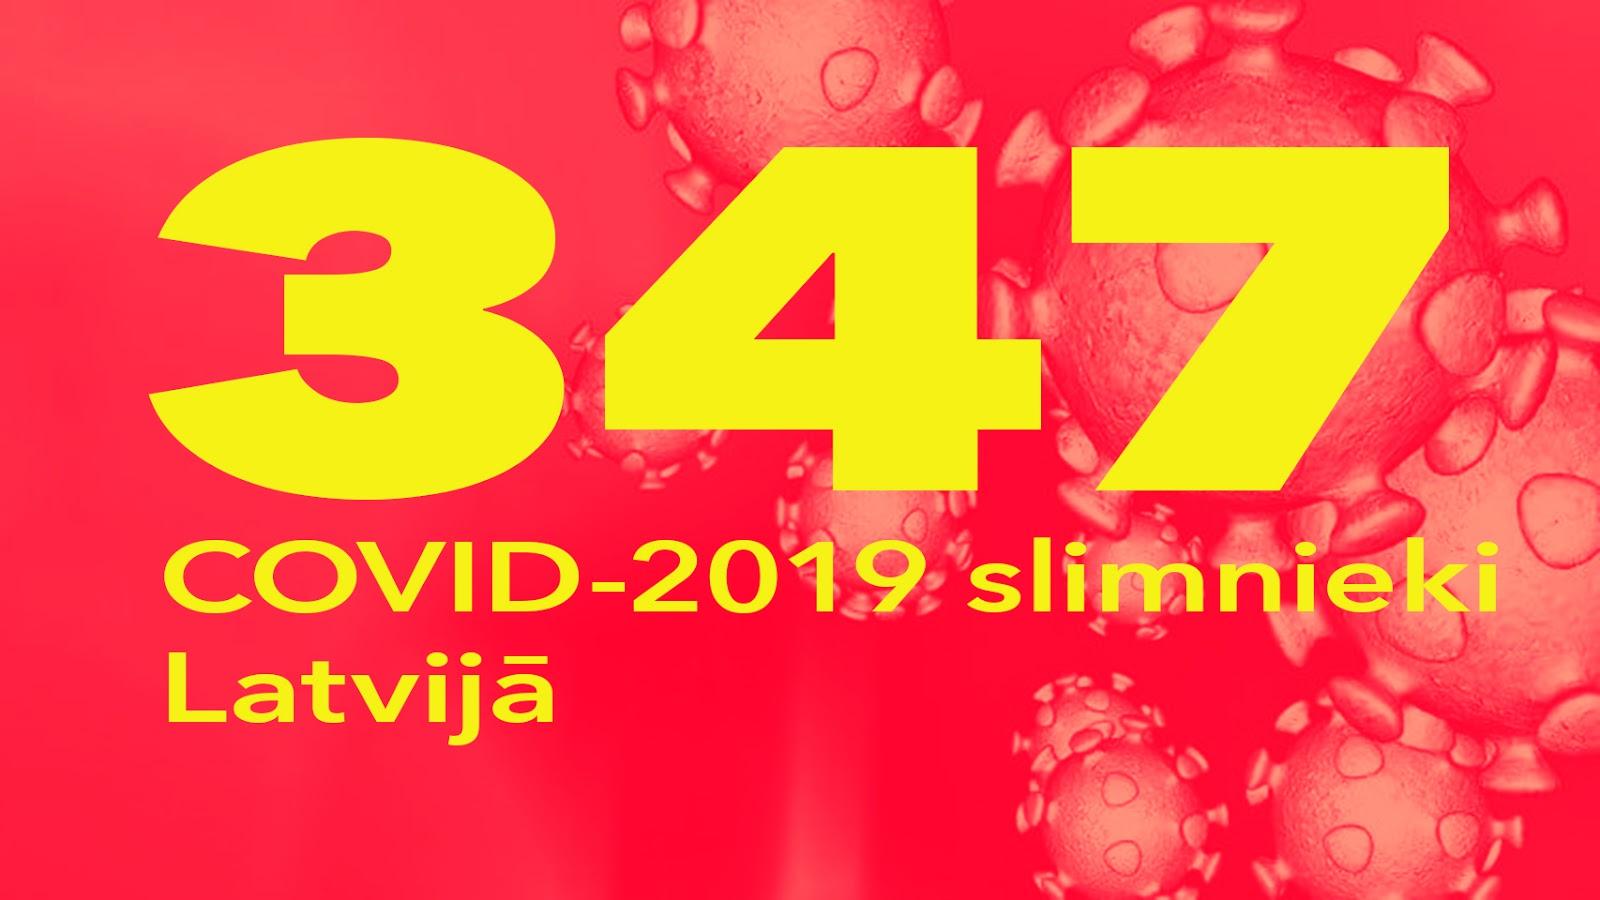 Koronavīrusa saslimušo skaits Latvijā 29.03.2020.